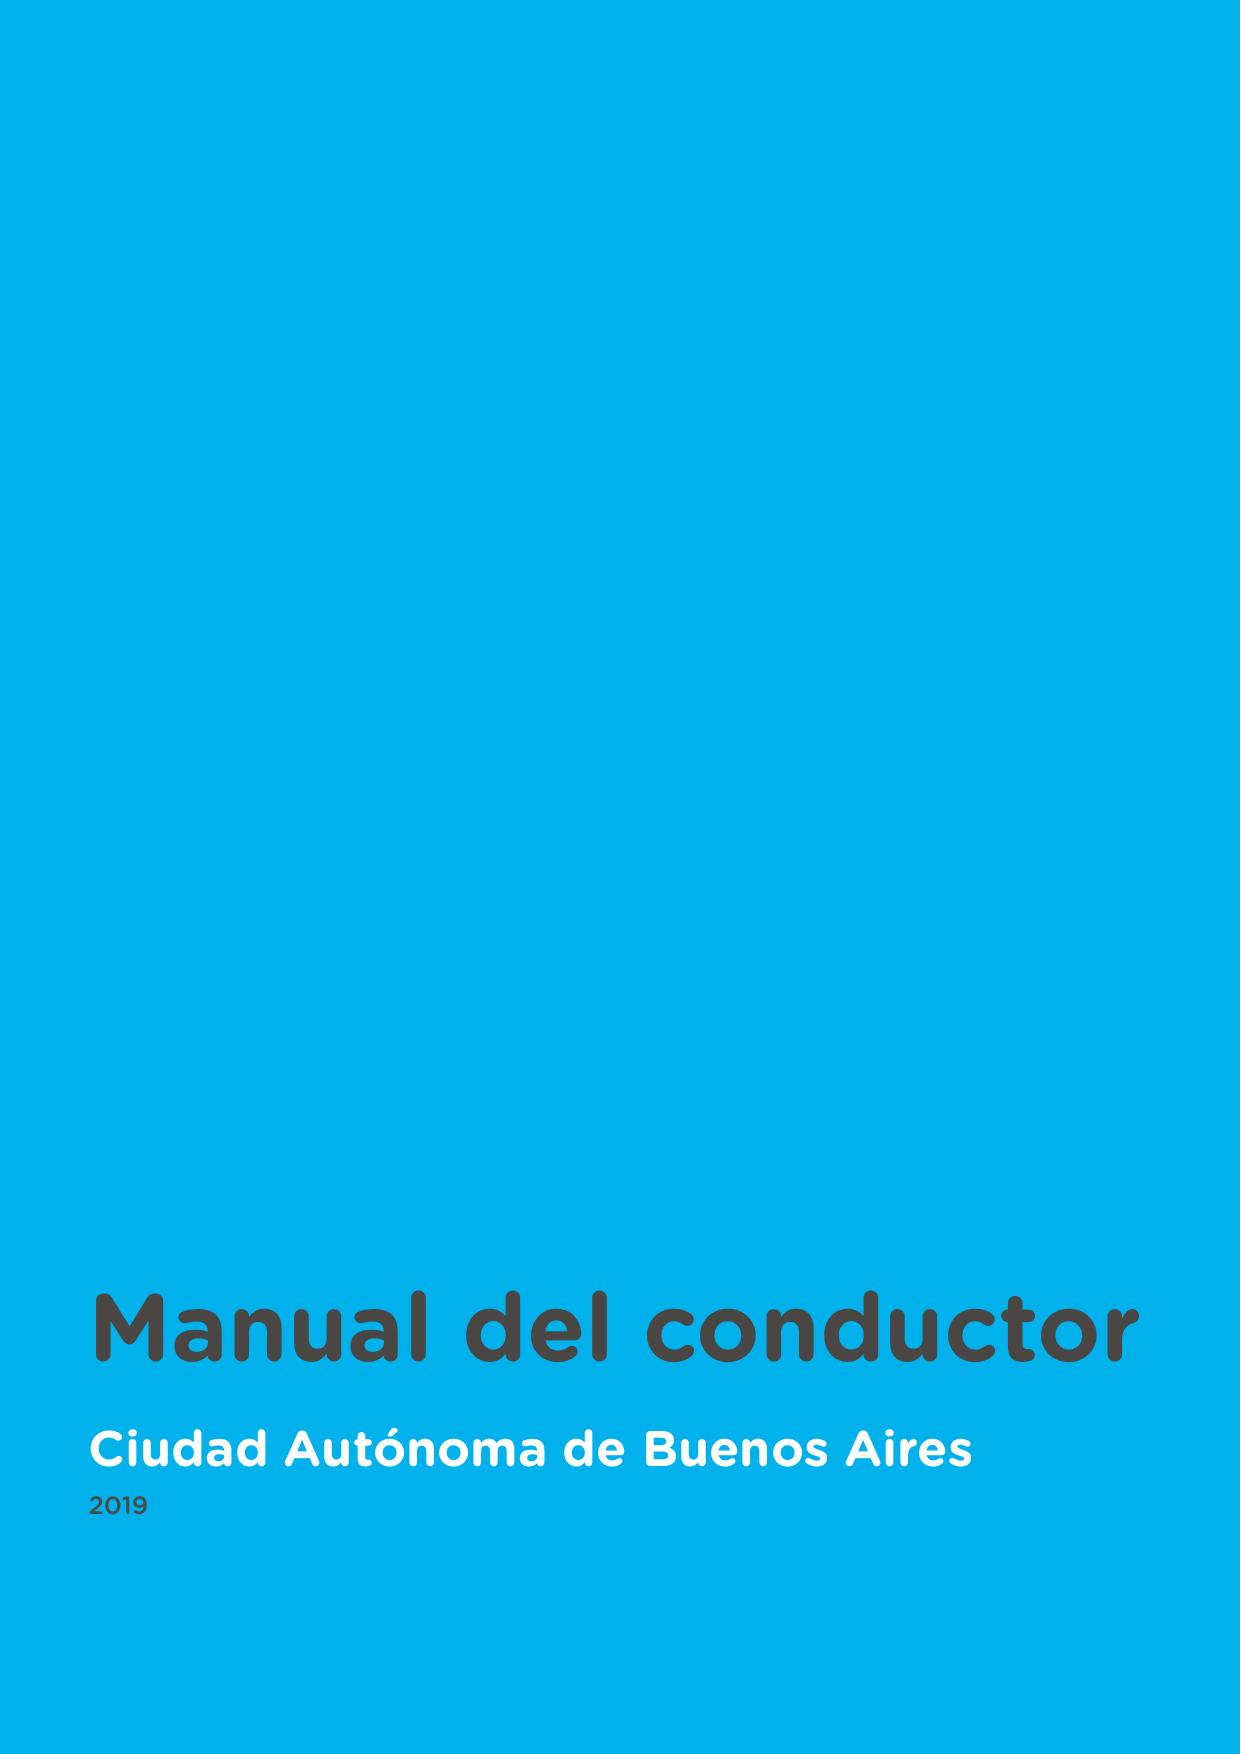 55 cm Se/ñal de Advertencia de autom/óvil Se/ñal de Carretera Cono Reflectante Se/ñal de Seguridad Tr/áfico cono de Actividad Cono se/ñalizaci/ón